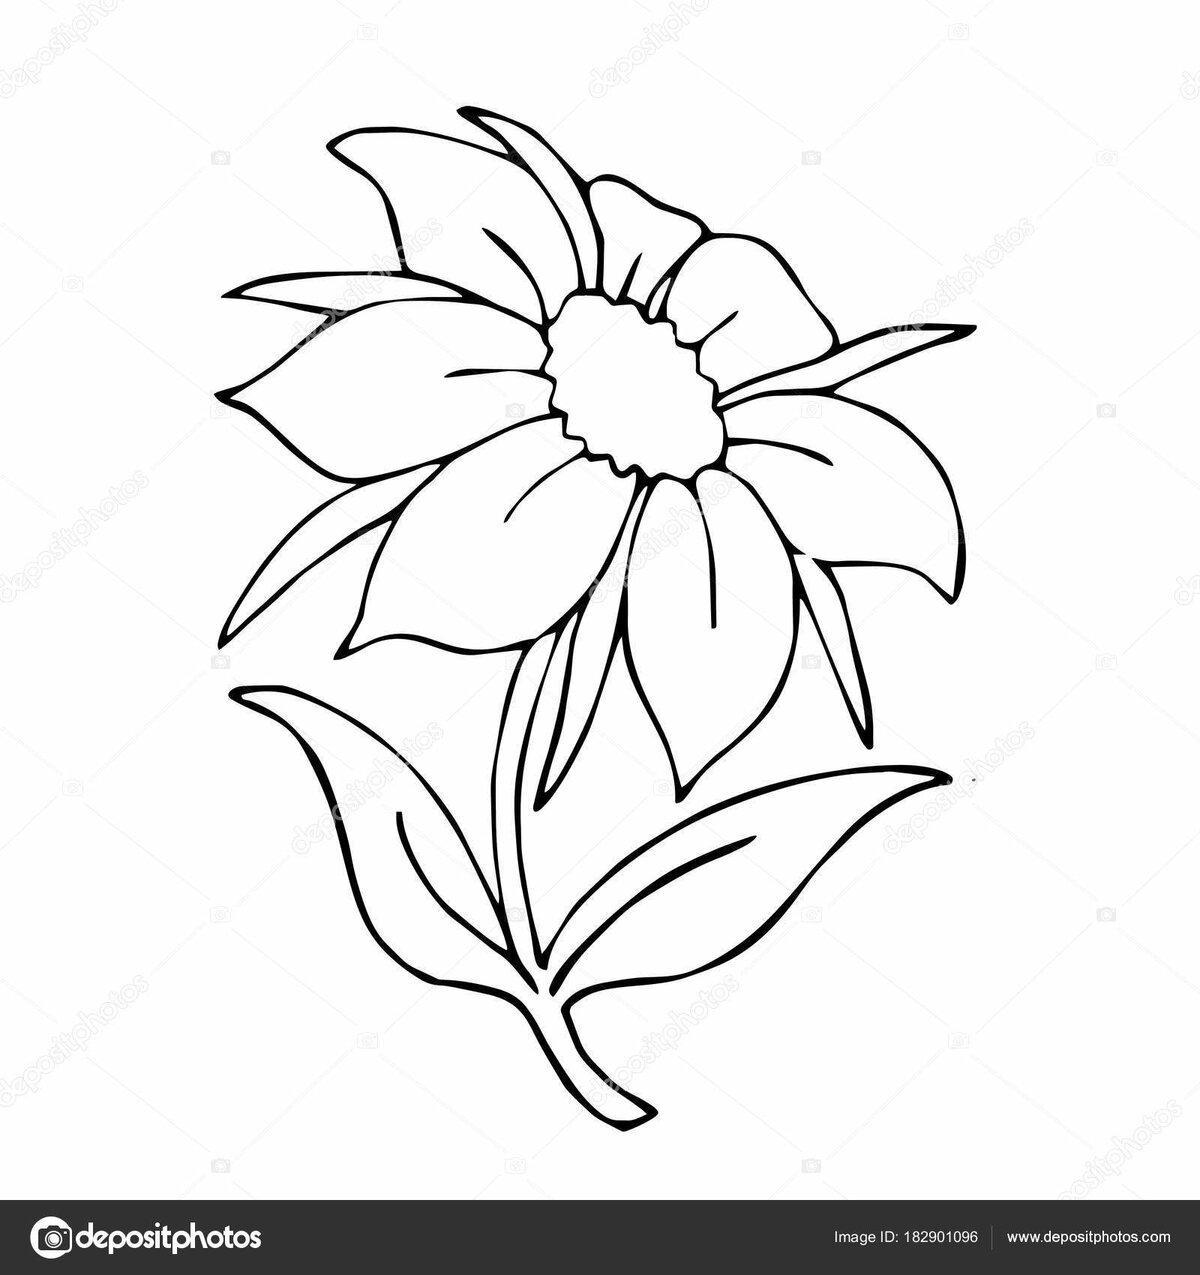 катаев цветик семицветик картинки для раскрашивания желанию можем бесплатно